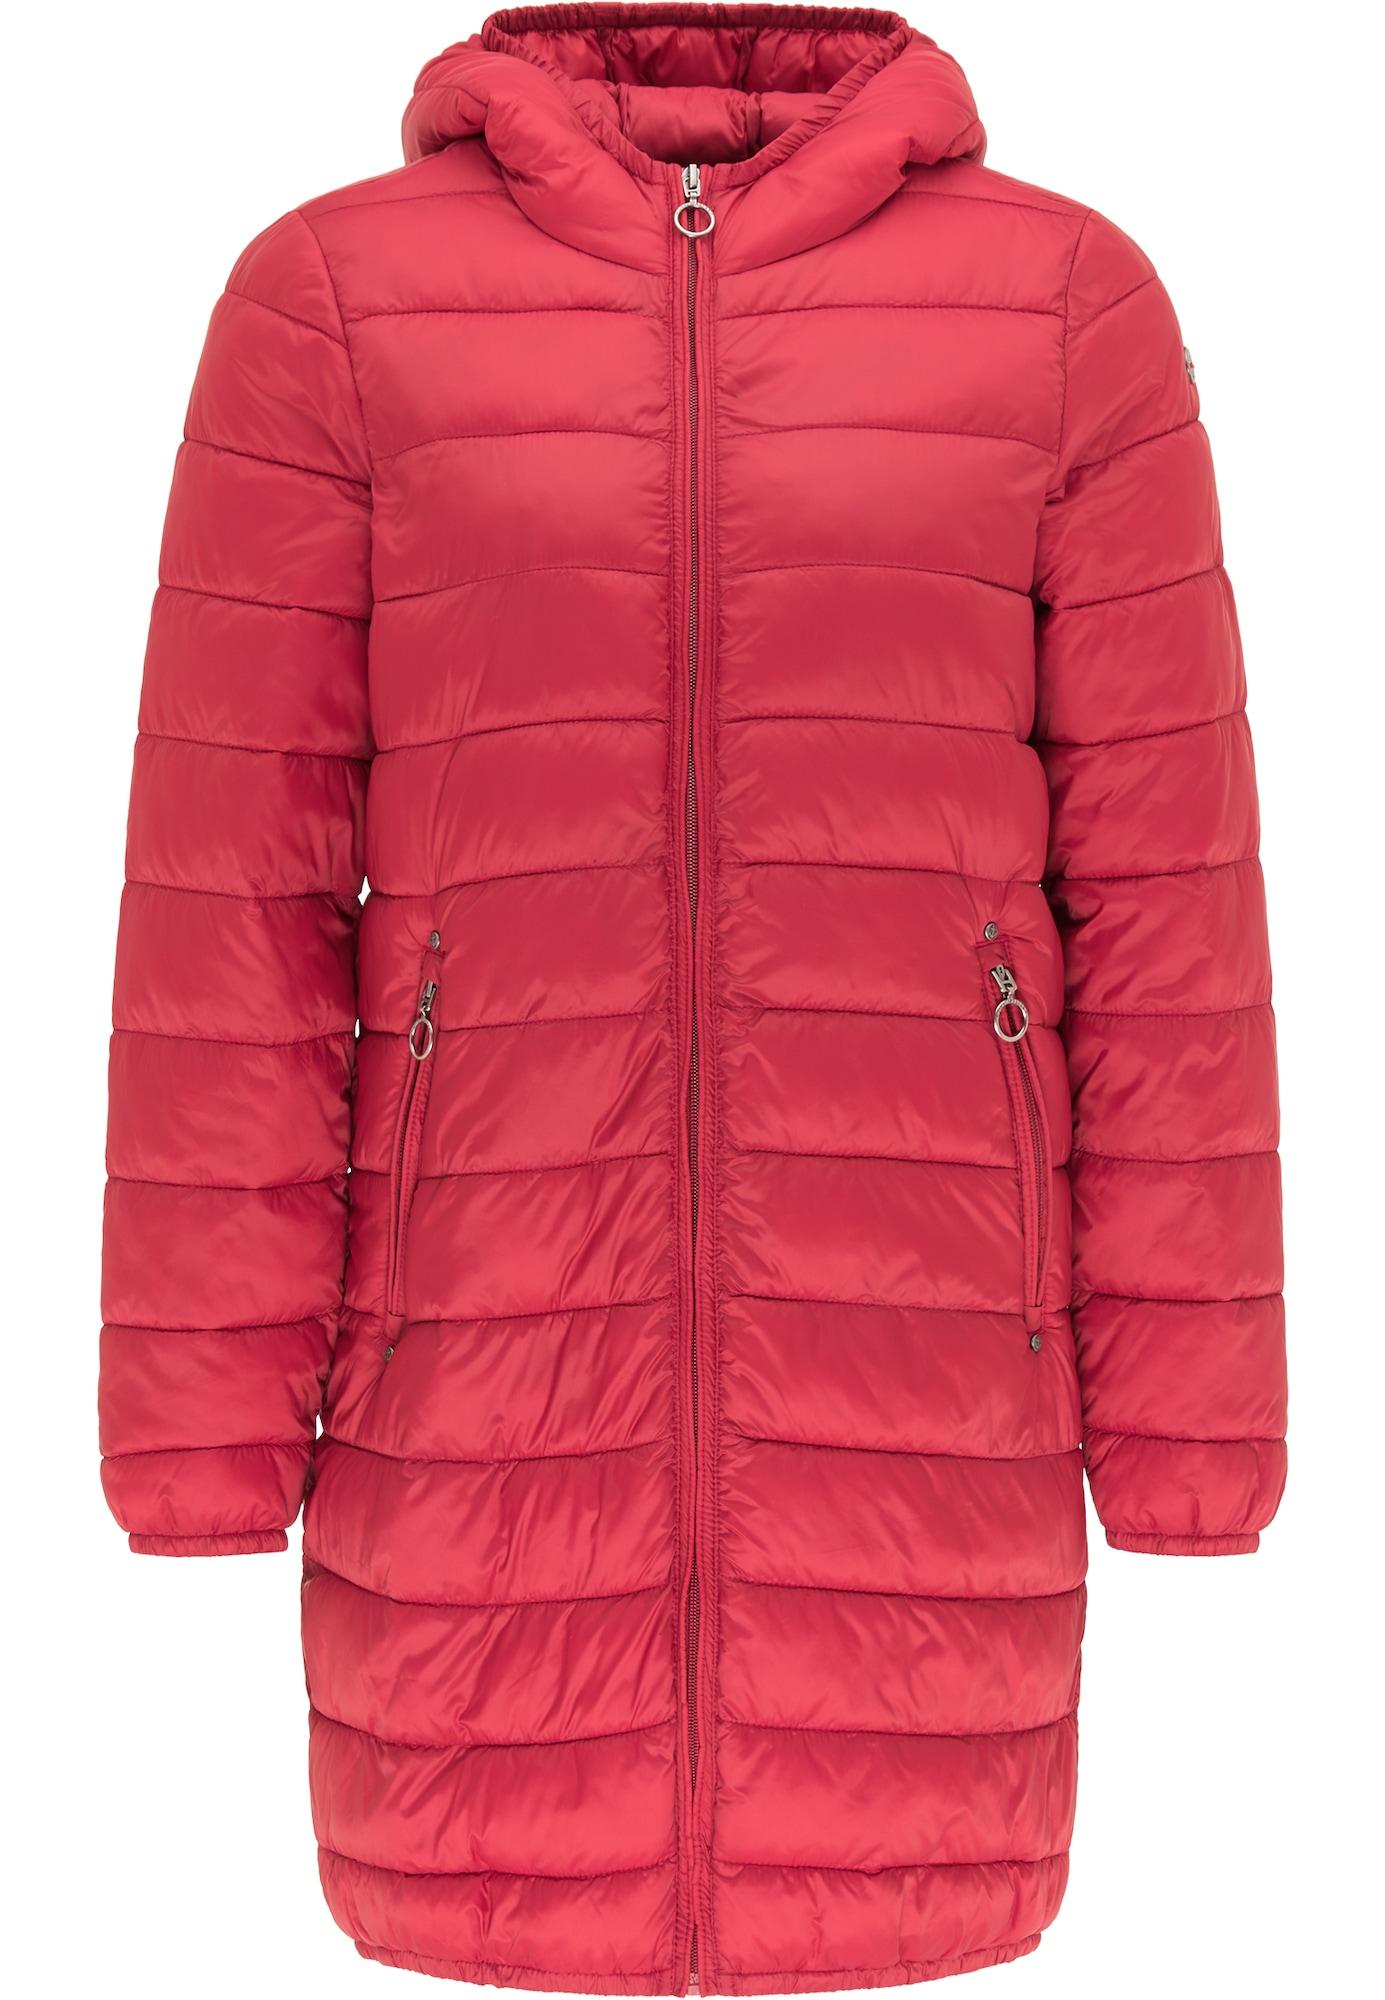 DreiMaster Maritim Žieminis paltas raudona